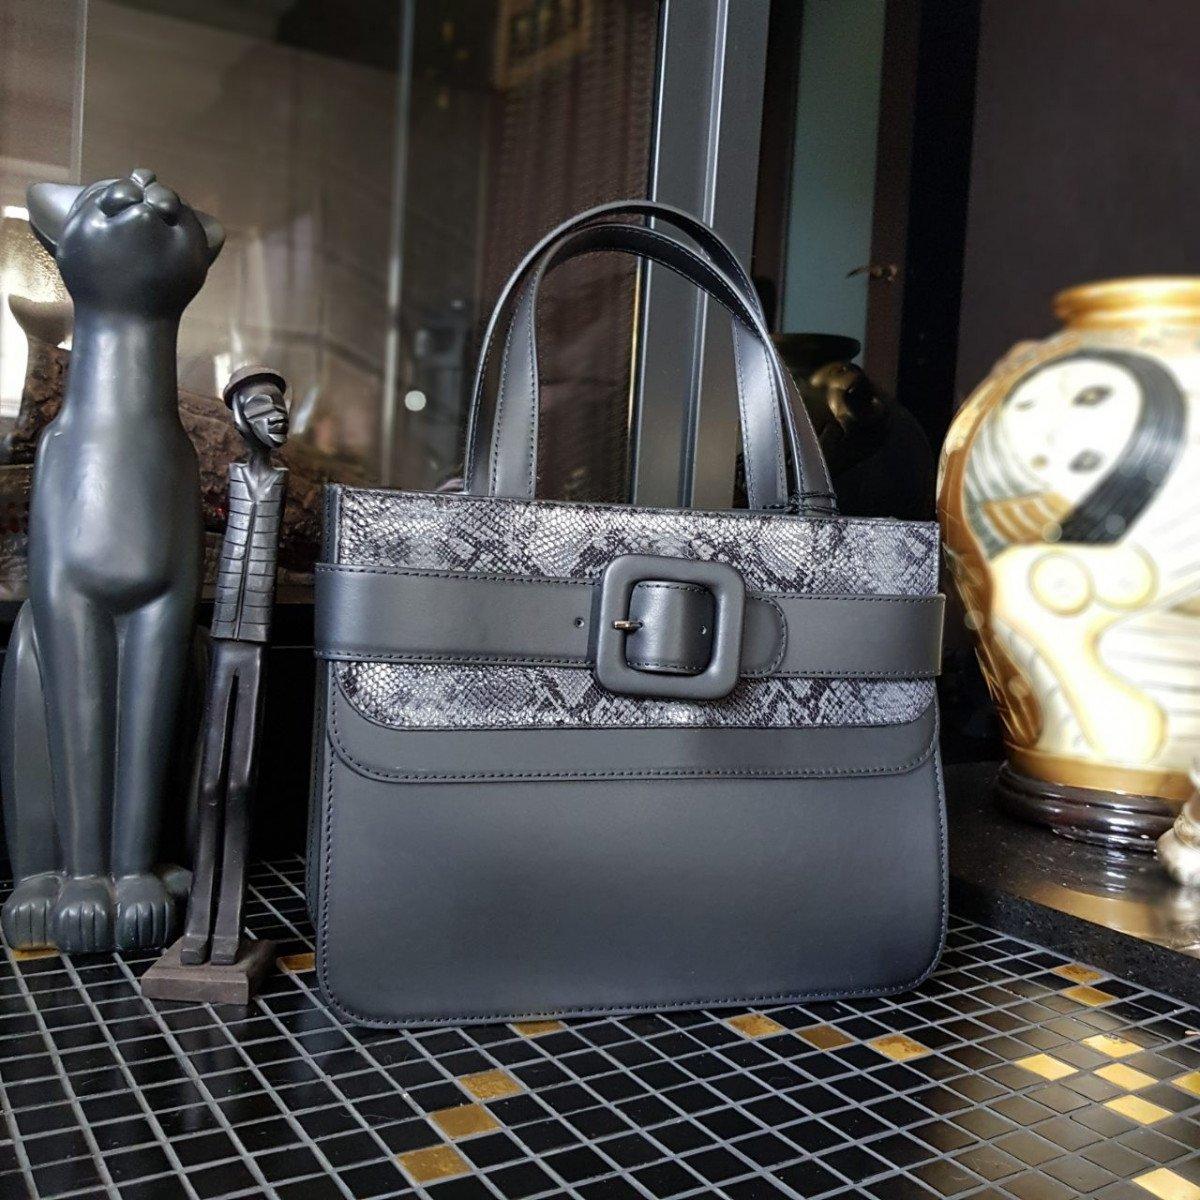 Женская кожаная сумка Tosca Blu TF19MB123 black pyton из натуральной кожи